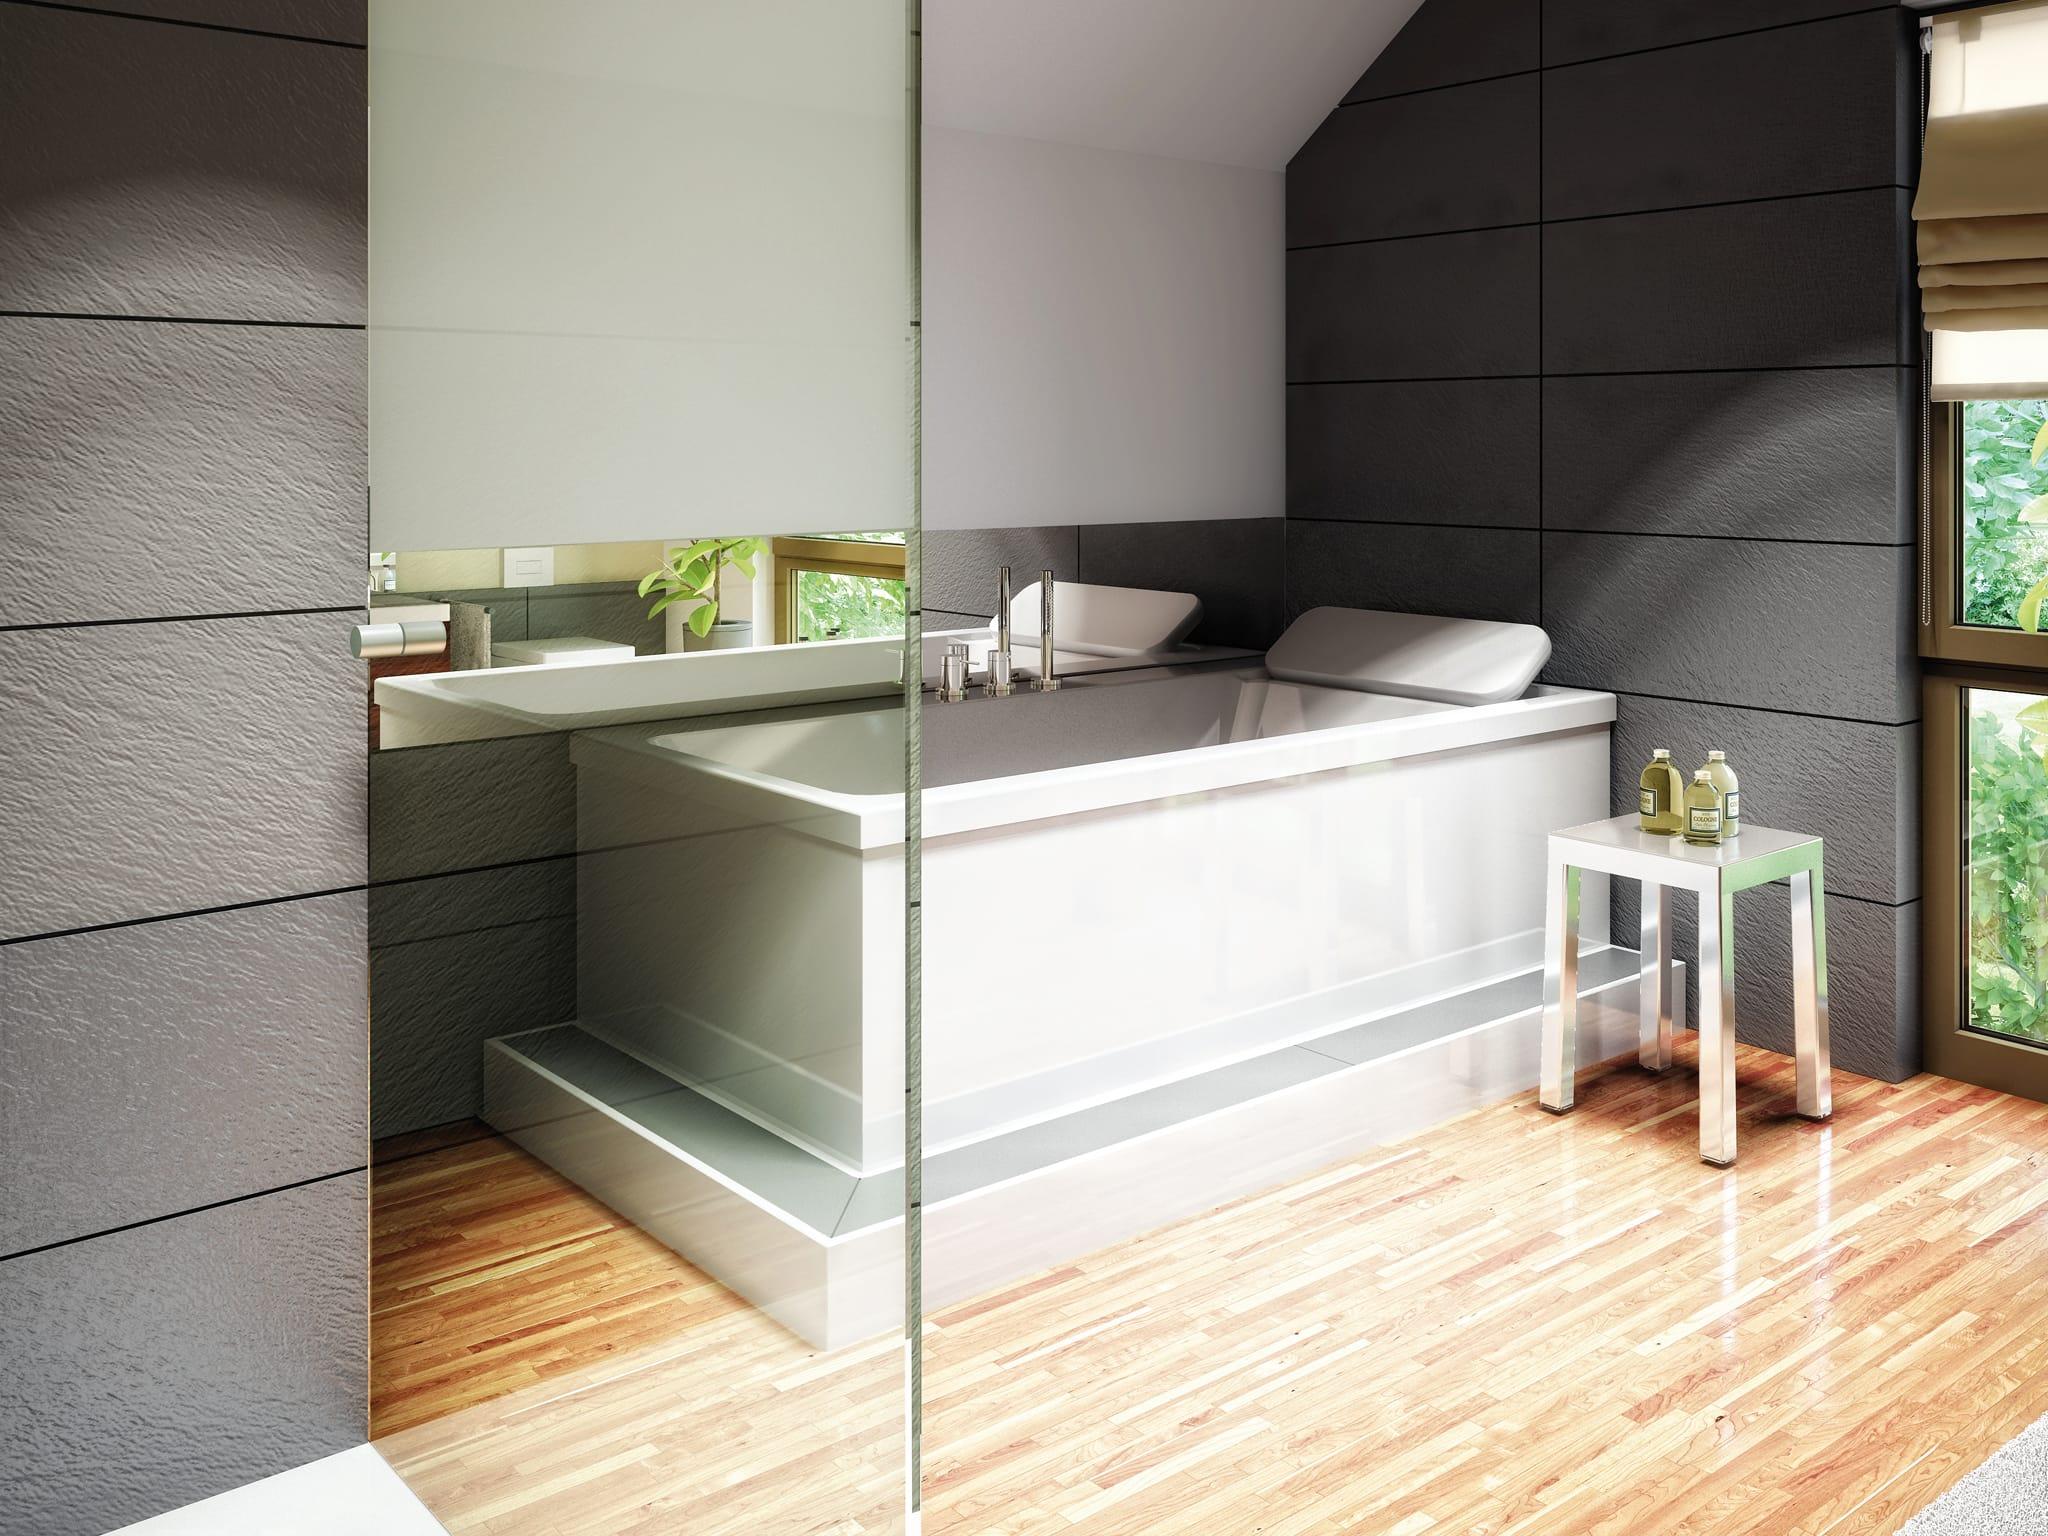 Badezimmer - Einrichtung Ideen Fertighaus Living Haus SUNSHINE 136 V6 - HausbauDirekt.de